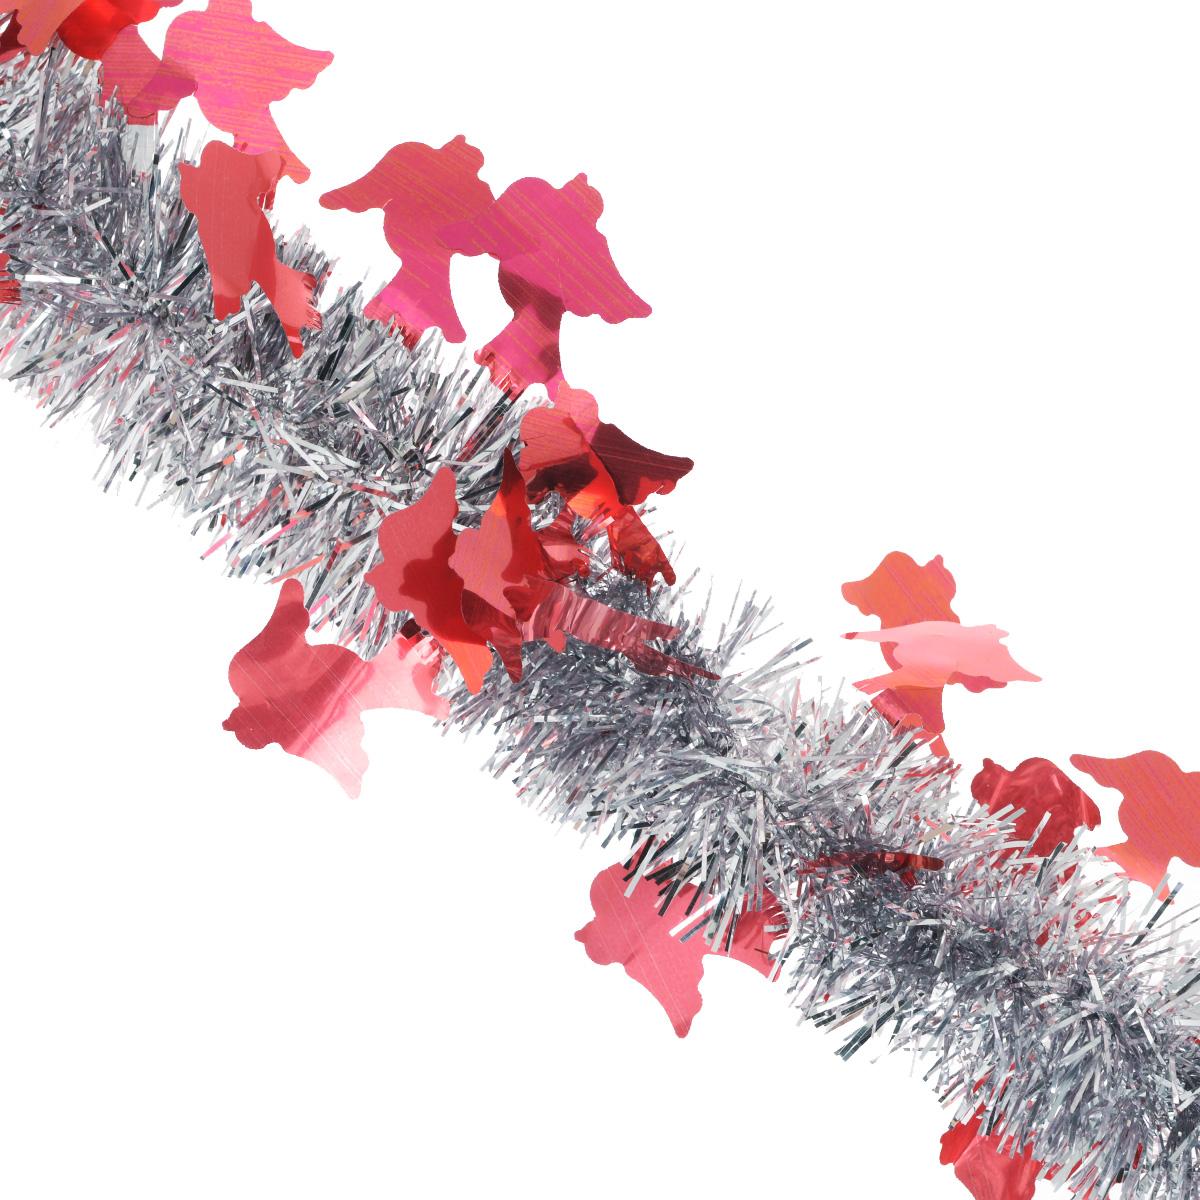 Мишура новогодняя Sima-land, цвет: серебристый, красный, диаметр 5 см, длина 2 м. 702618702618Мишура новогодняя Sima-land, выполненная из двухцветной фольги, поможет вам украсить свой дом к предстоящим праздникам. Мишура армирована, то есть имеет проволоку внутри и способна сохранять приданную ей форму.Новогодняя елка с таким украшением станет еще наряднее. Новогодней мишурой можно украсить все, что угодно - елку, квартиру, дачу, офис - как внутри, так и снаружи. Можно сложить новогодние поздравления, буквы и цифры, мишурой можно украсить и дополнить гирлянды, можно выделить дверные колонны, оплести дверные проемы. Коллекция декоративных украшений из серии Зимнее волшебство принесет в ваш дом ни с чем несравнимое ощущение праздника! Создайте в своем доме атмосферу тепла, веселья и радости, украшая его всей семьей.